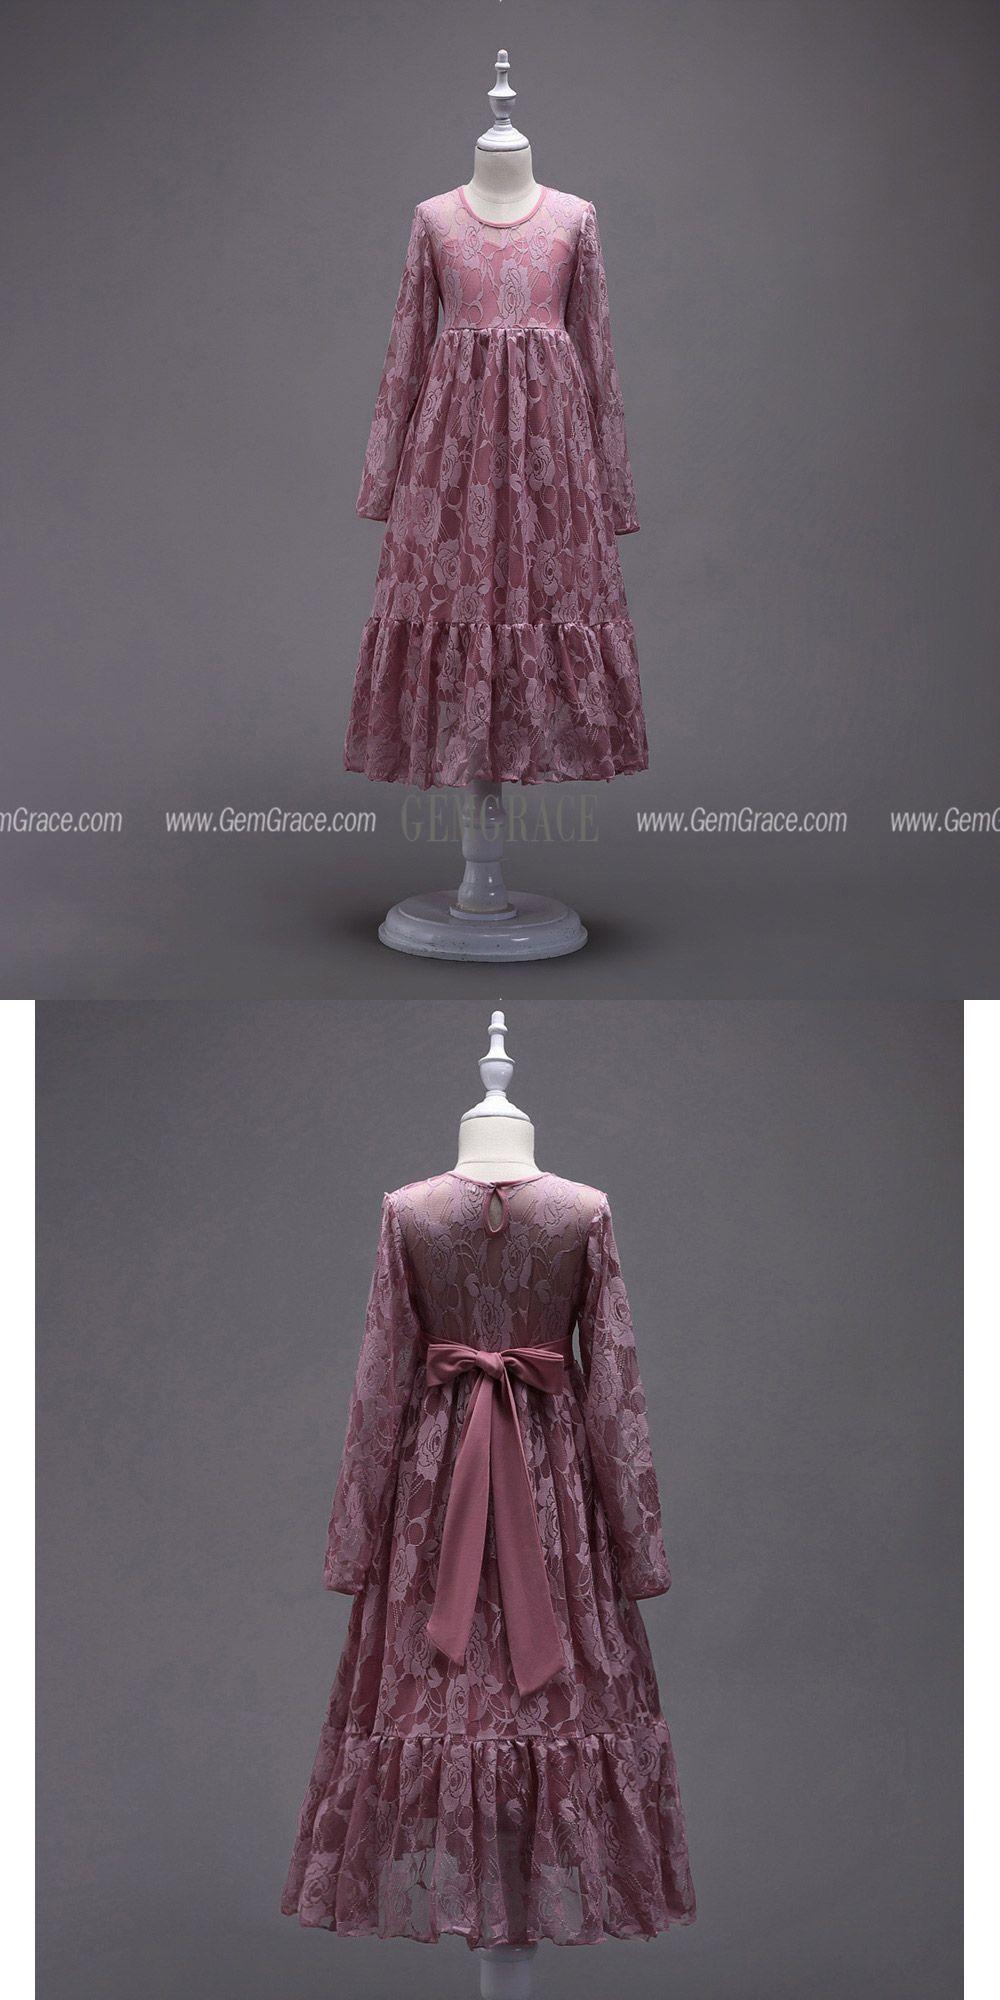 Burgundy Lace Long Sleeve Flower Girl Dress For Winter